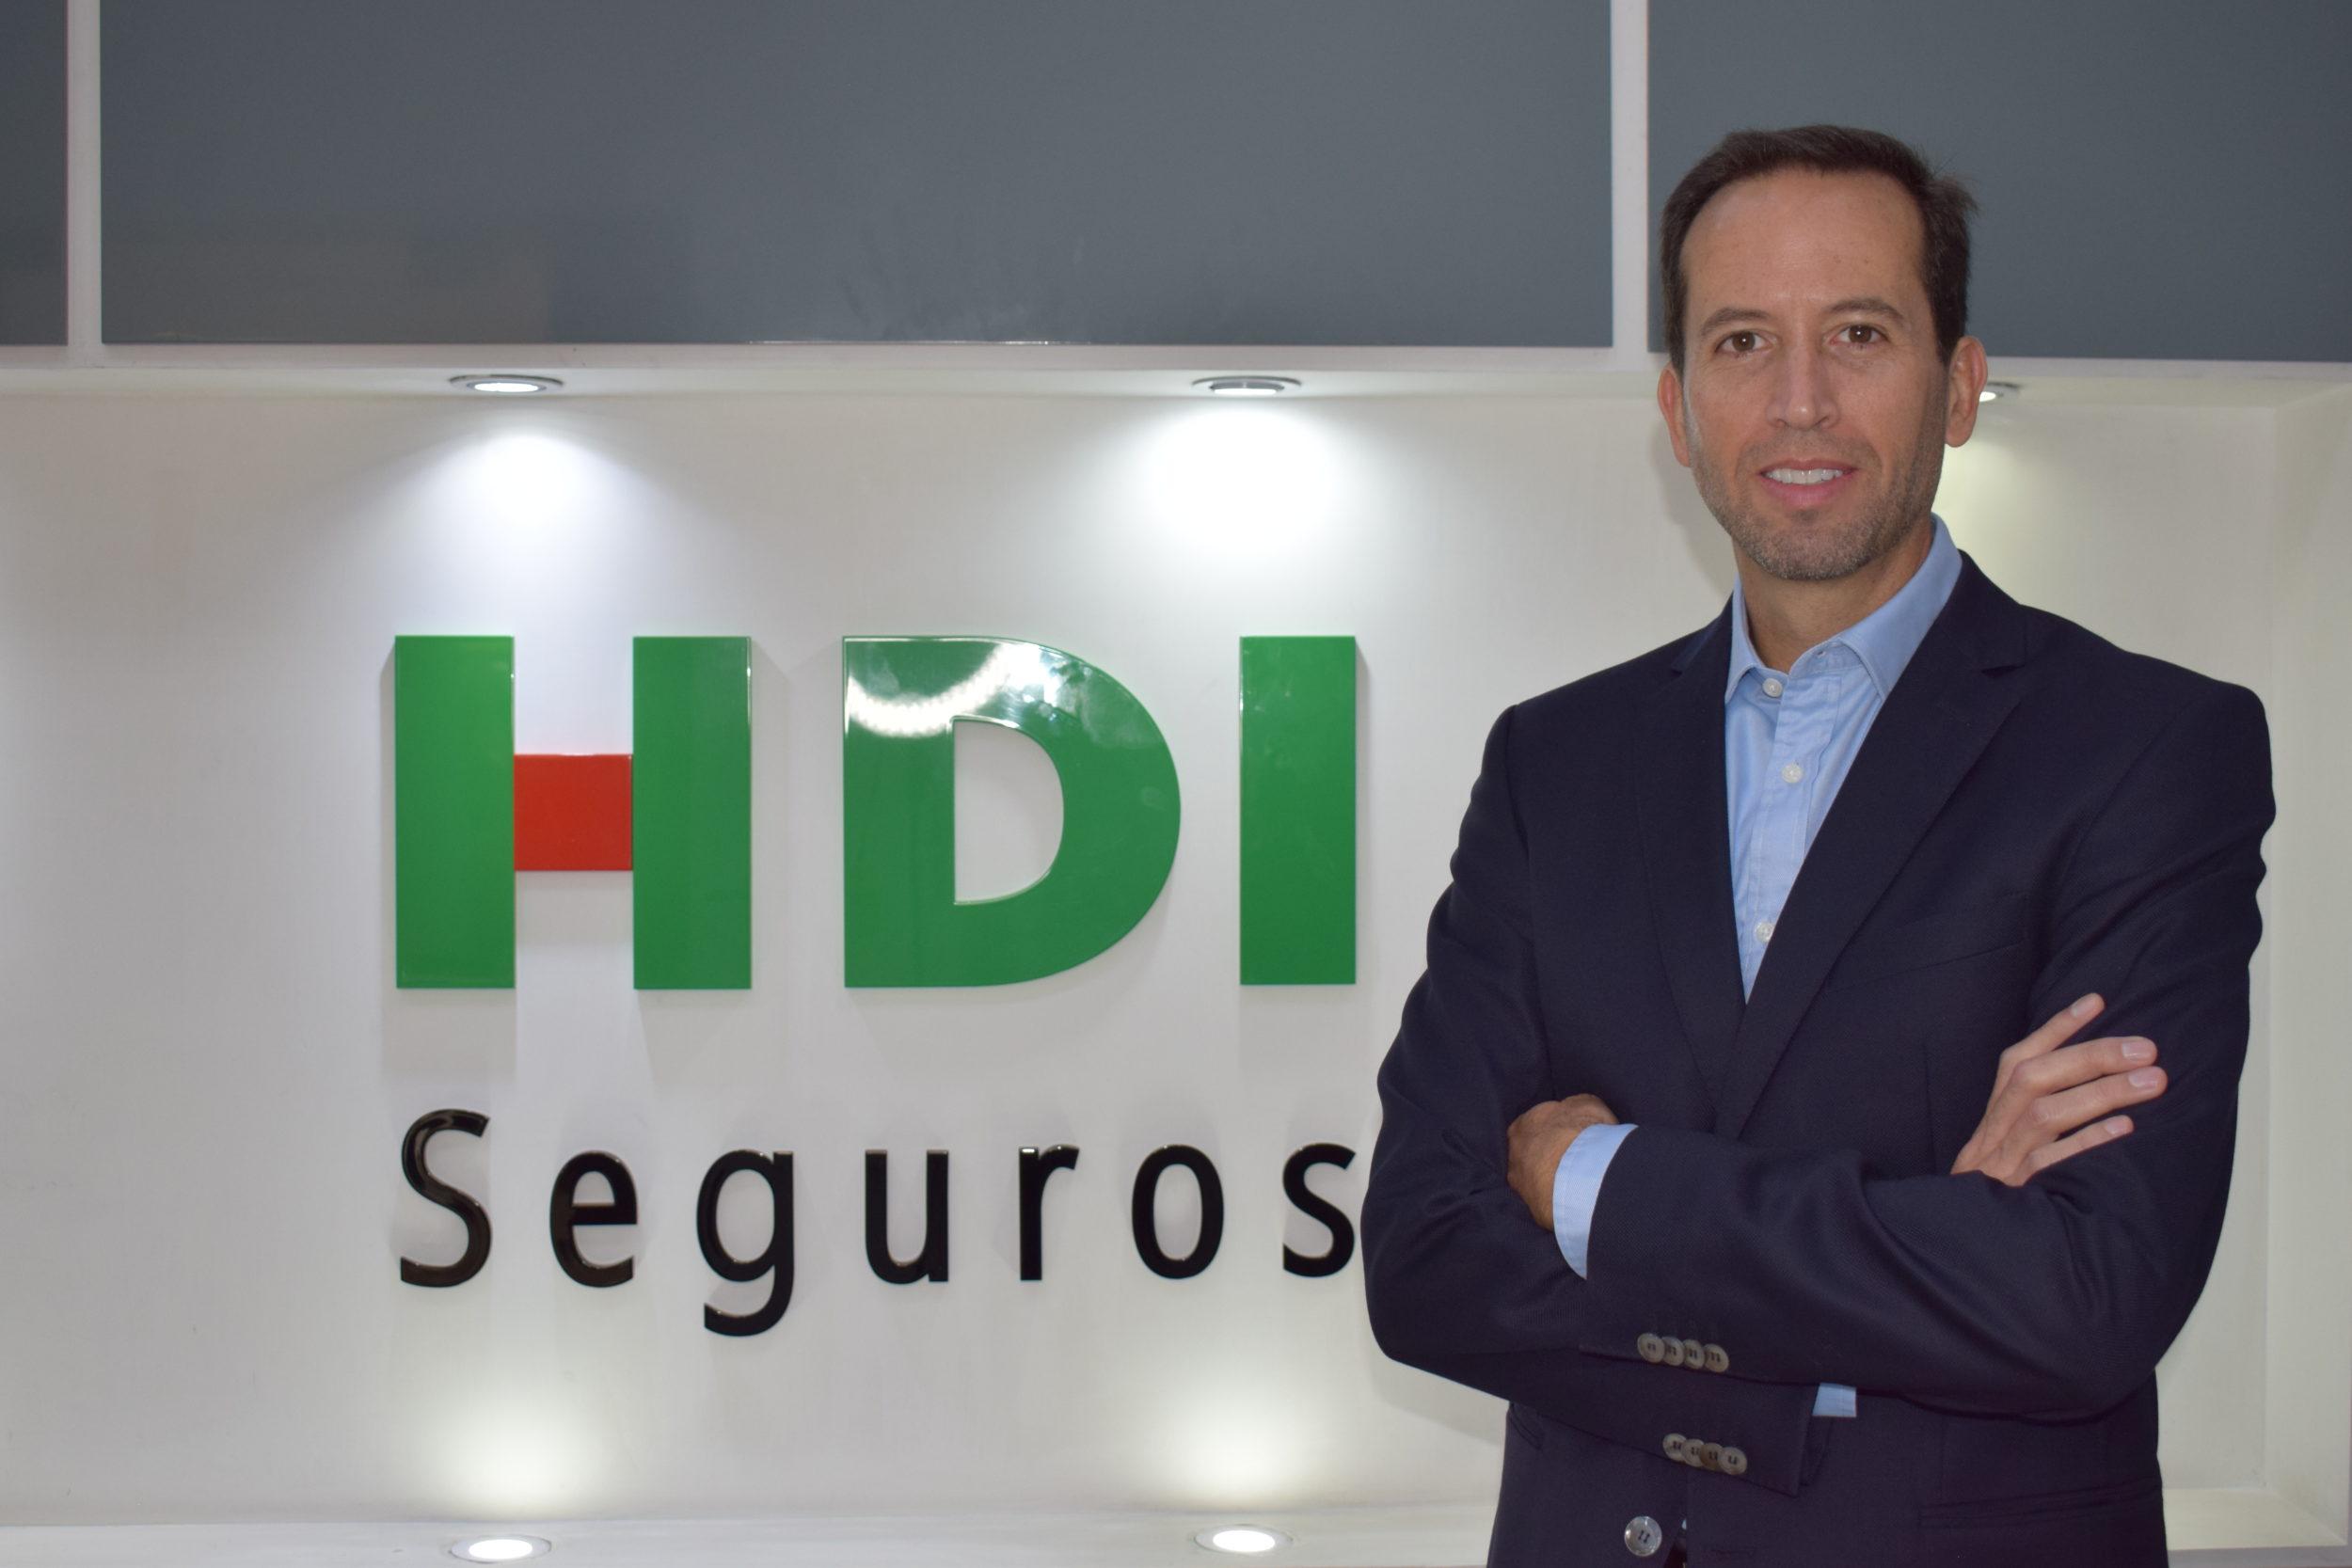 HDI Seguros le apuesta al sector rural, gracias al apoyo de Banca de las Oportunidades